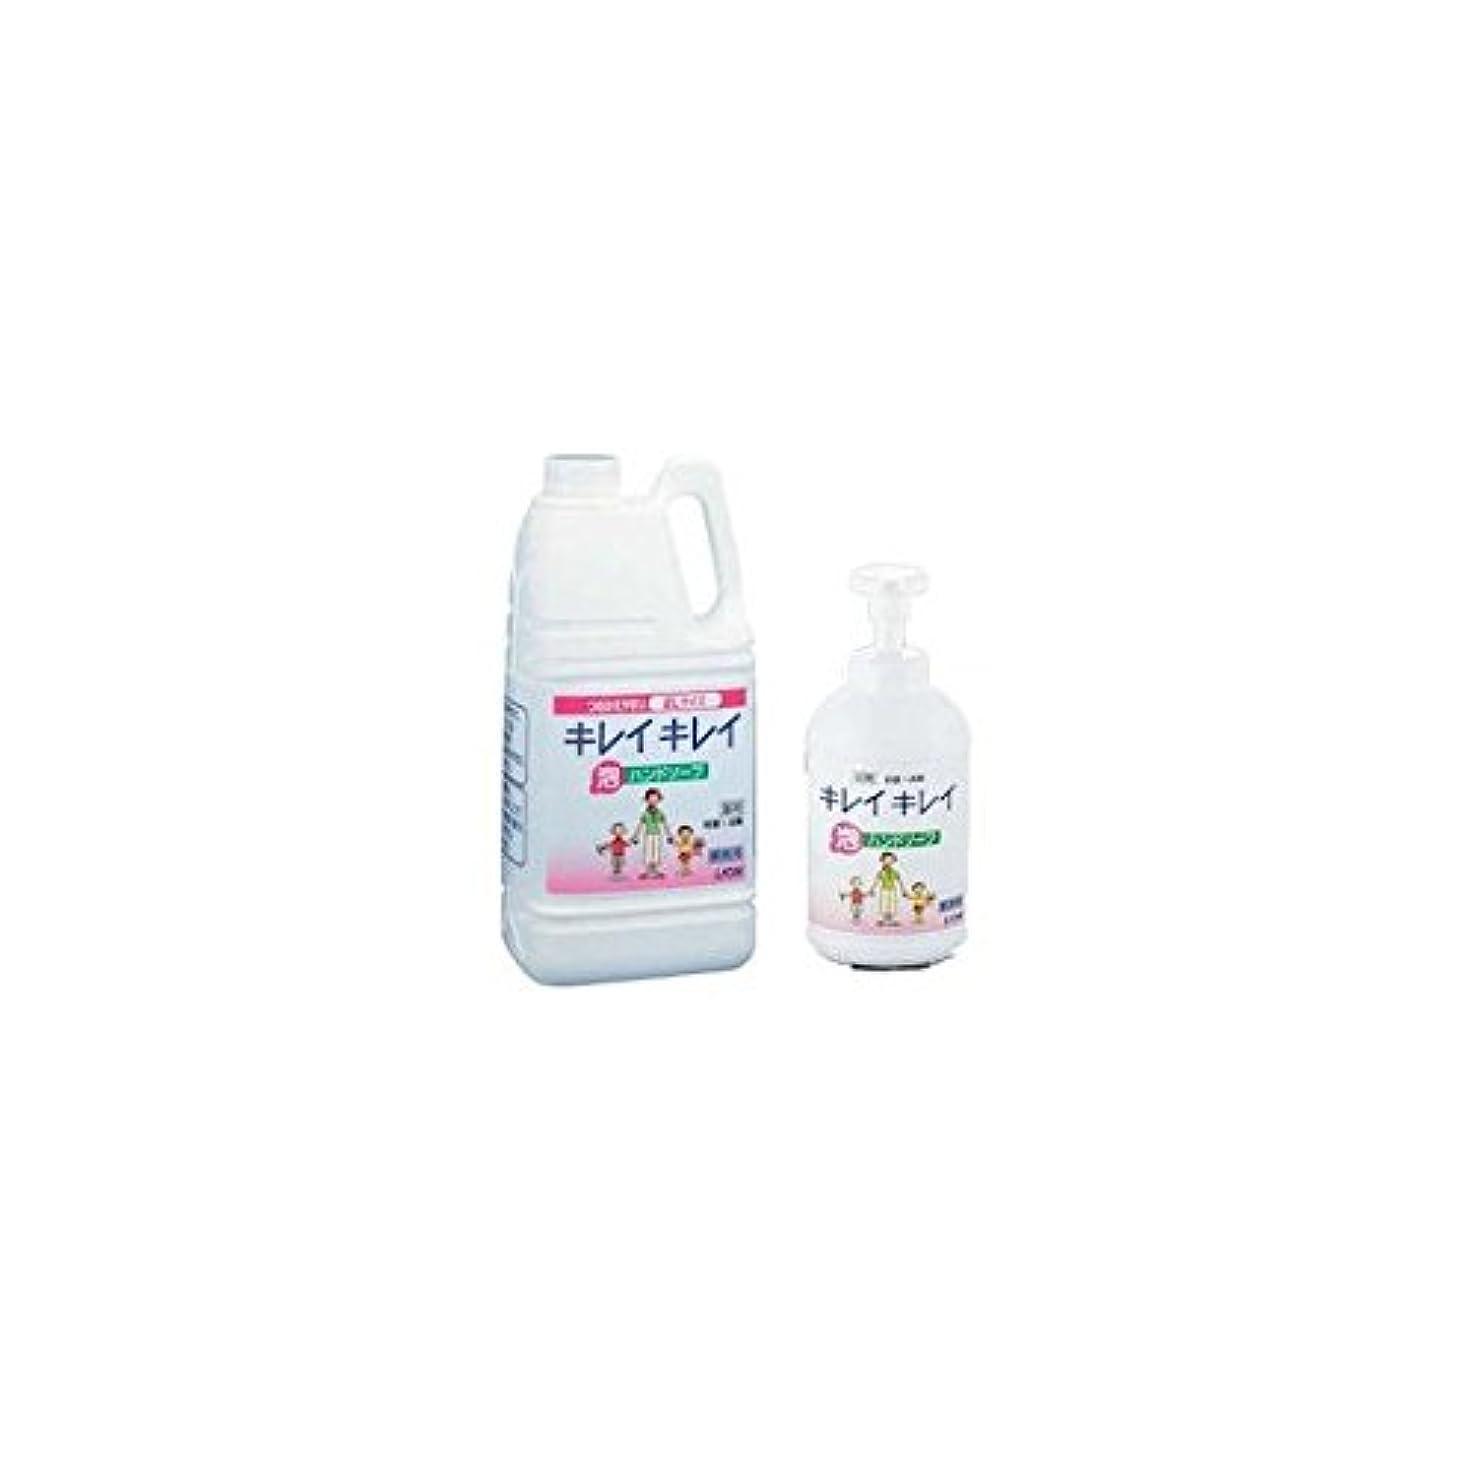 トラフィック間違いパテライオン キレイキレイ薬用泡ハンドソープ 2L(700ML専用ポンプ付) 【品番】JHV2503